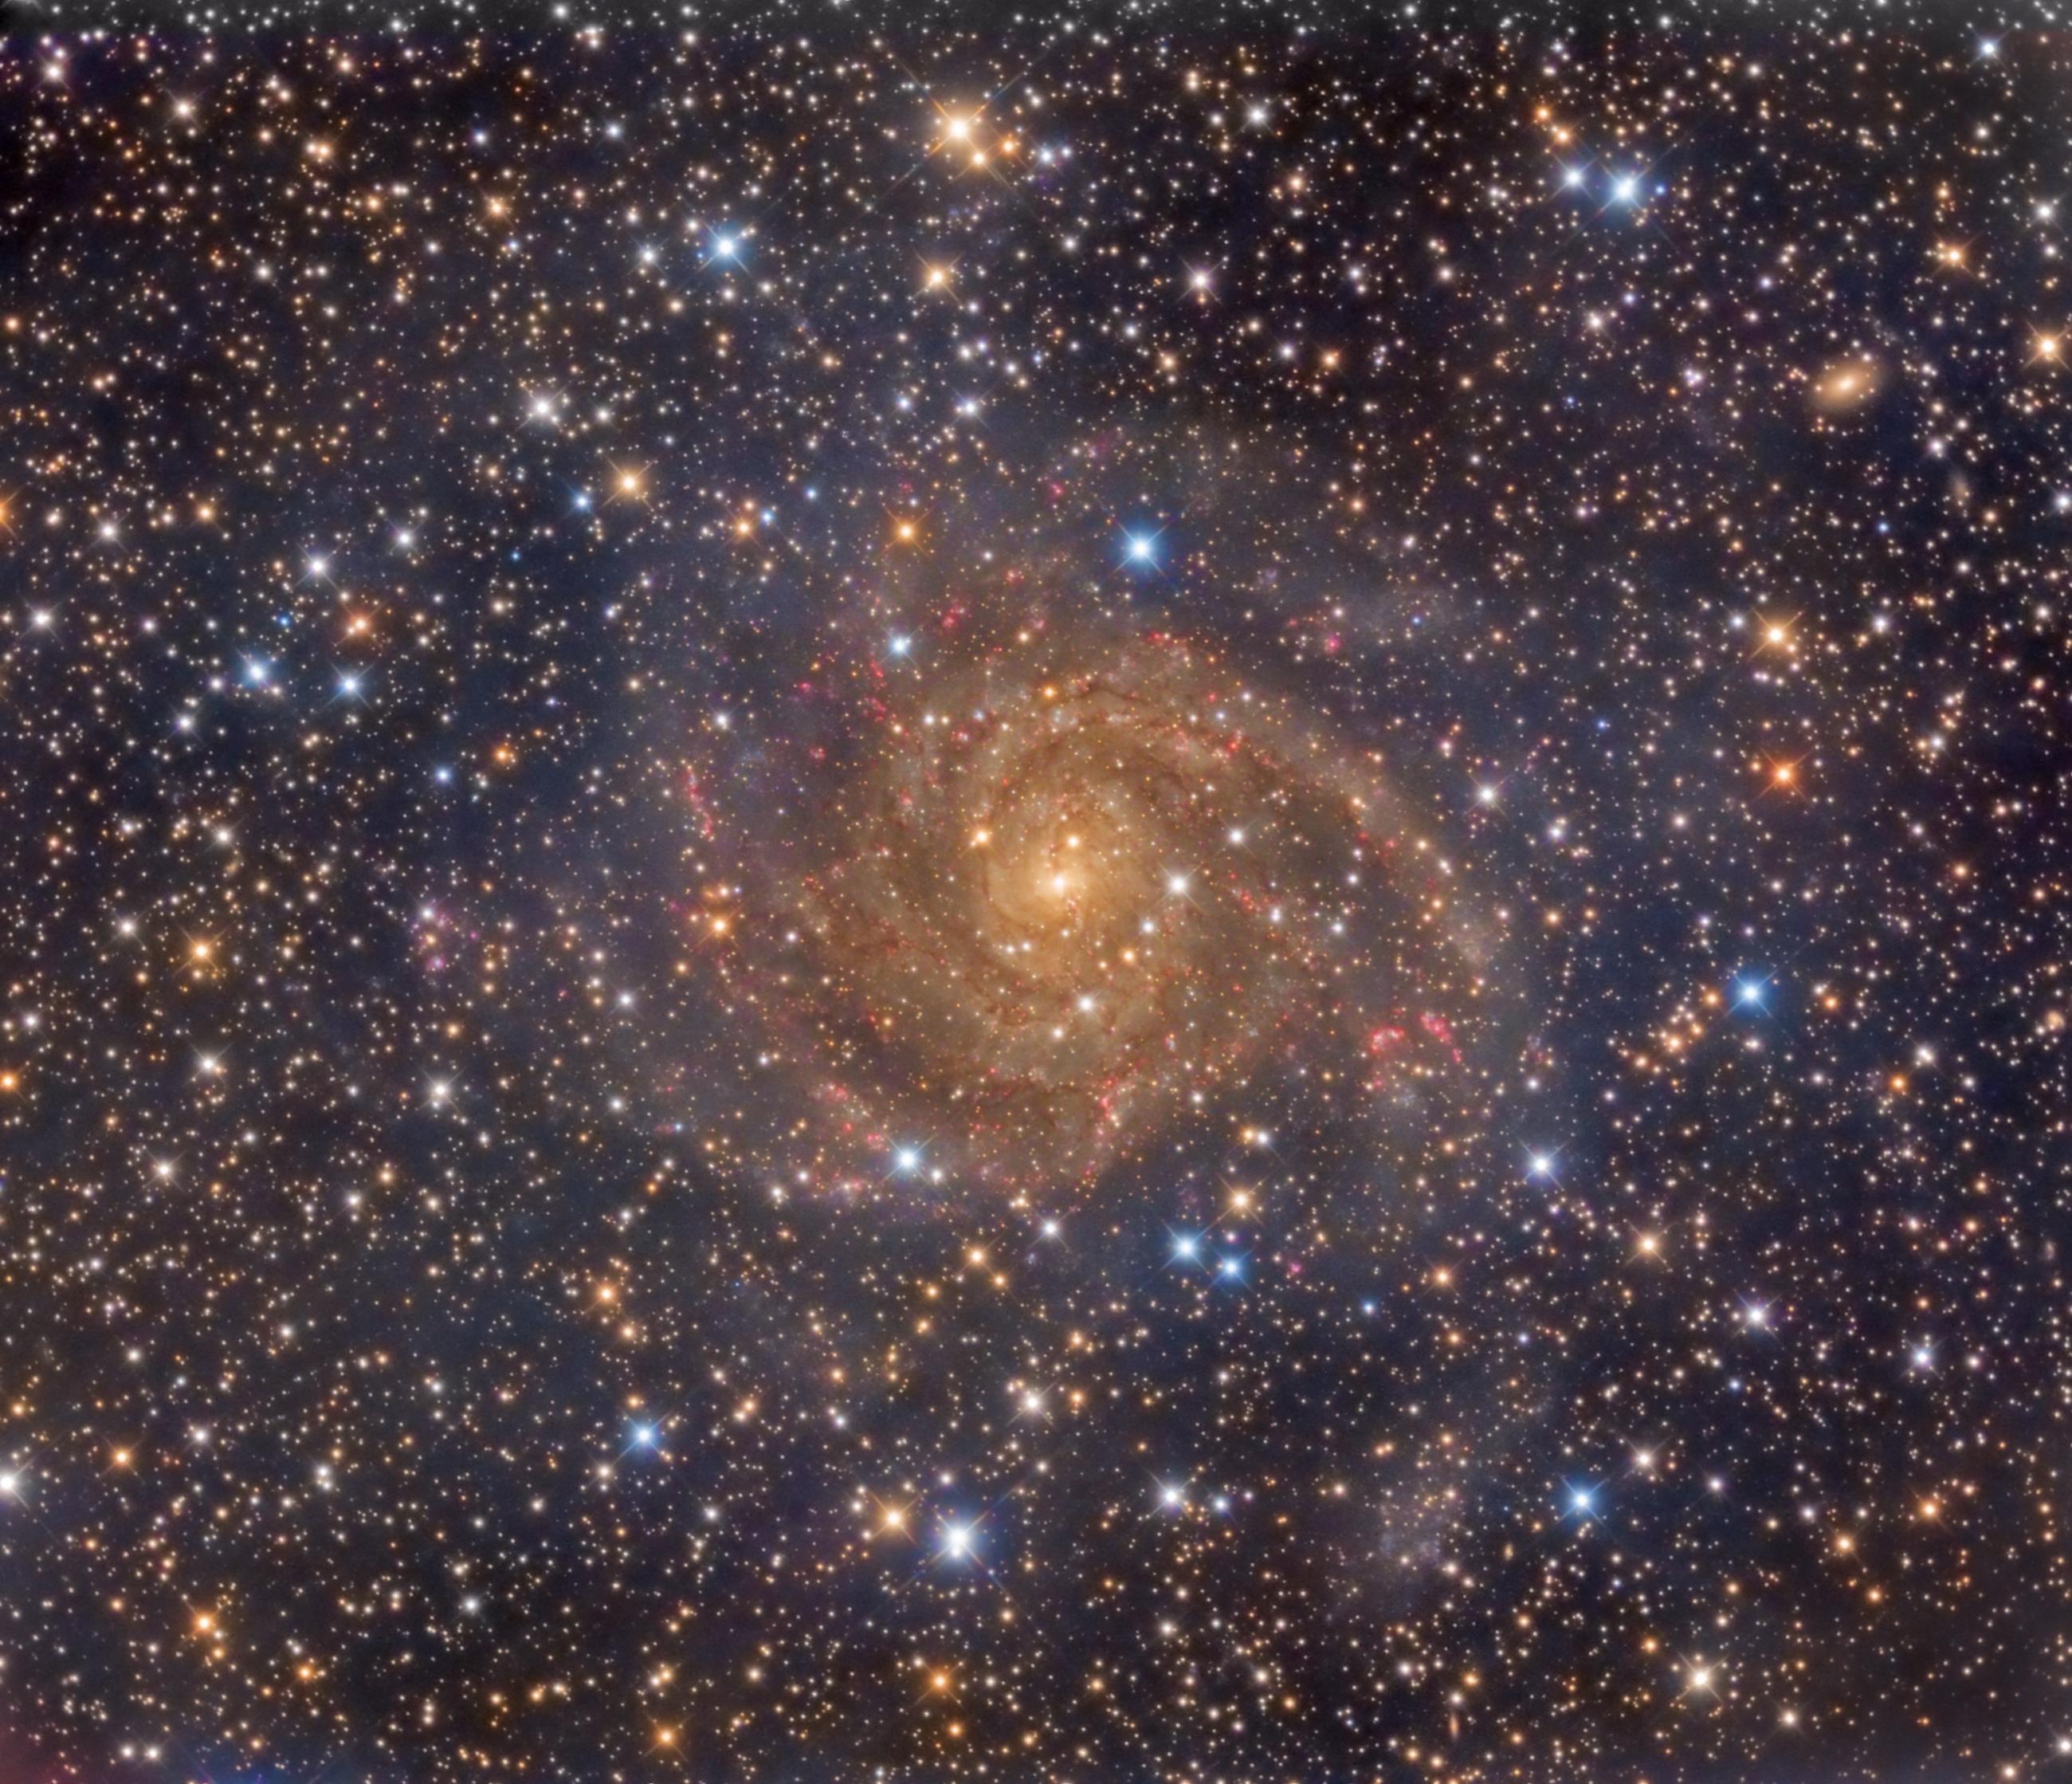 картинки по астрономии галактика отдают предпочтение